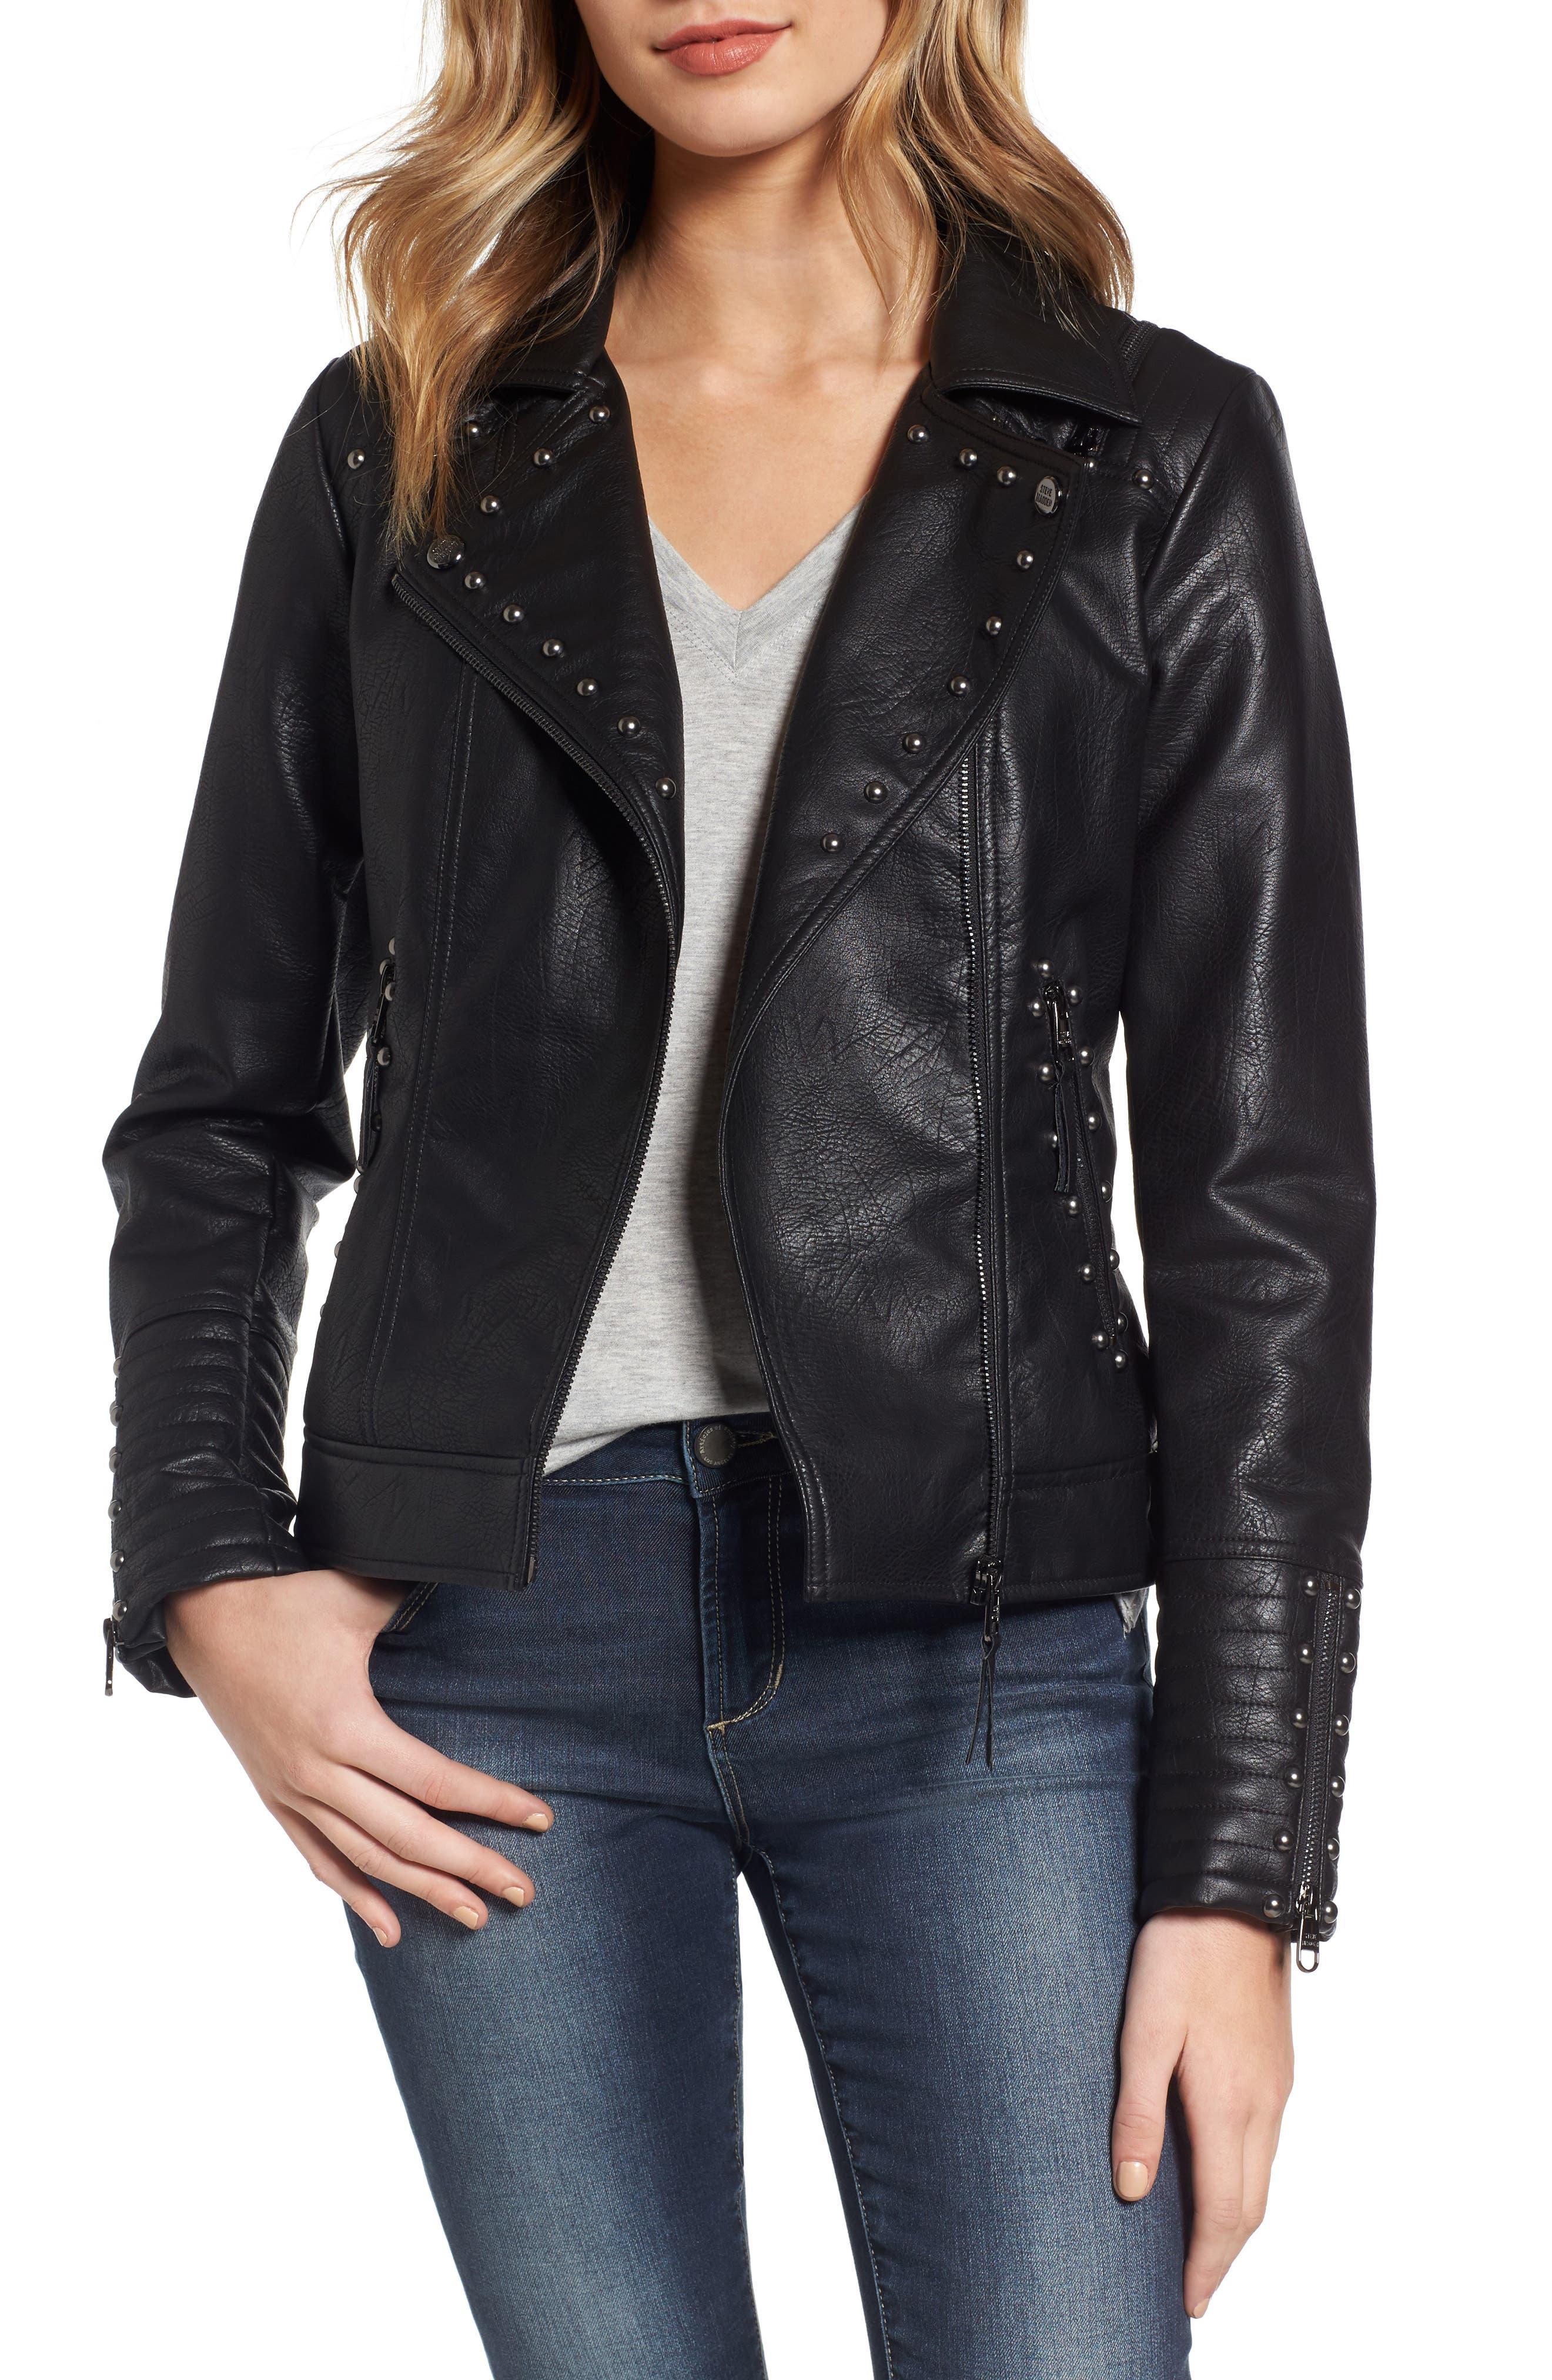 Alternate Image 1 Selected - Steve Madden Studded Faux Leather Biker Jacket